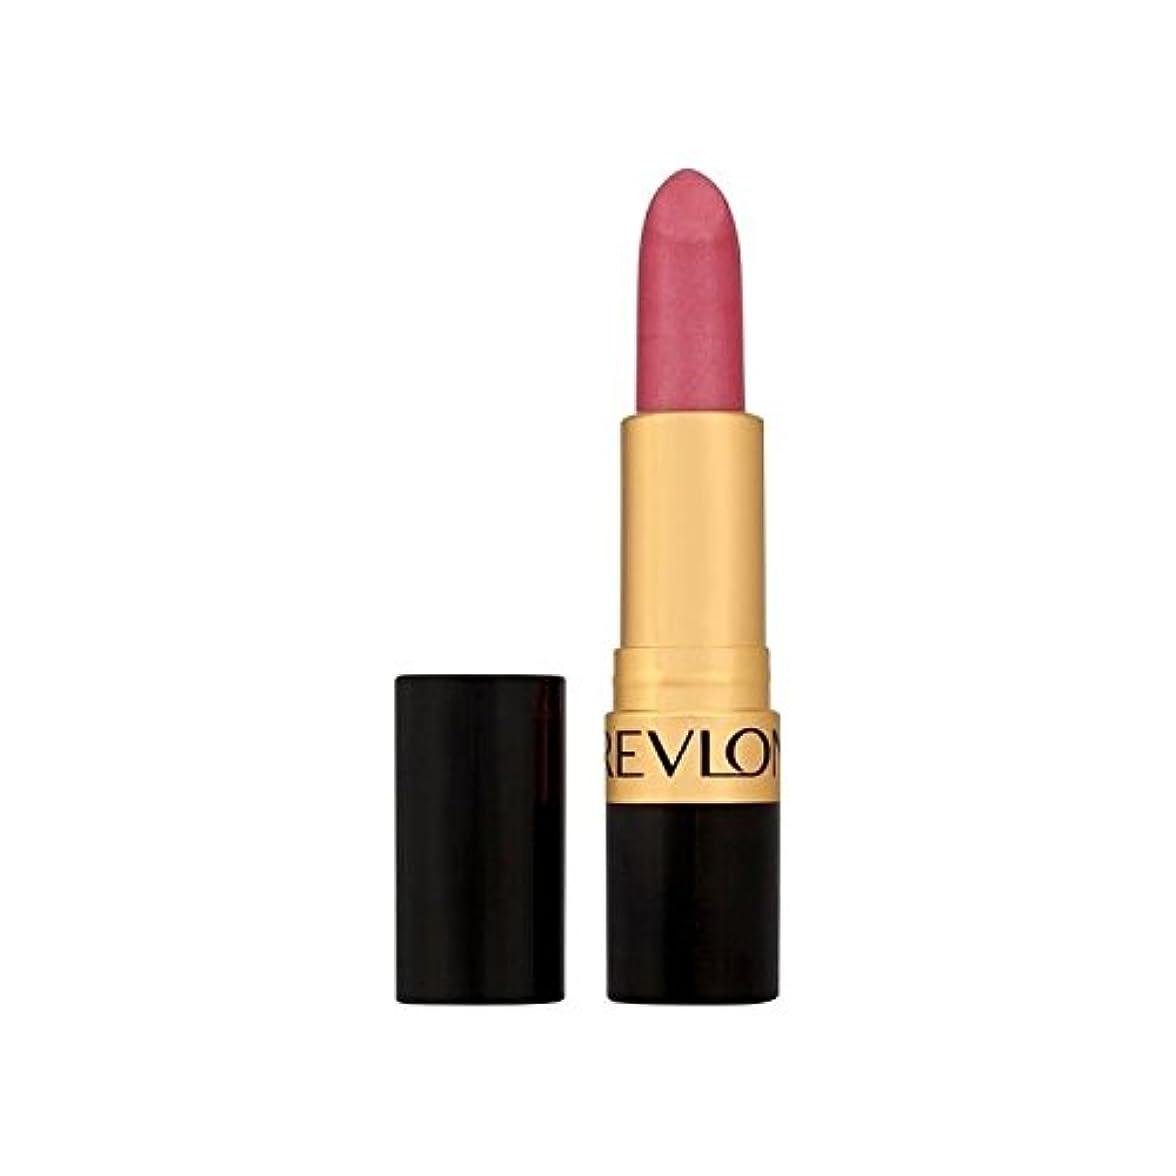 モザイク養う暴君Revlon Super Lustrous Lipstick Amethyst Shell 424 (Pack of 6) - レブロンスーパー光沢のある口紅アメジストシェル424 x6 [並行輸入品]